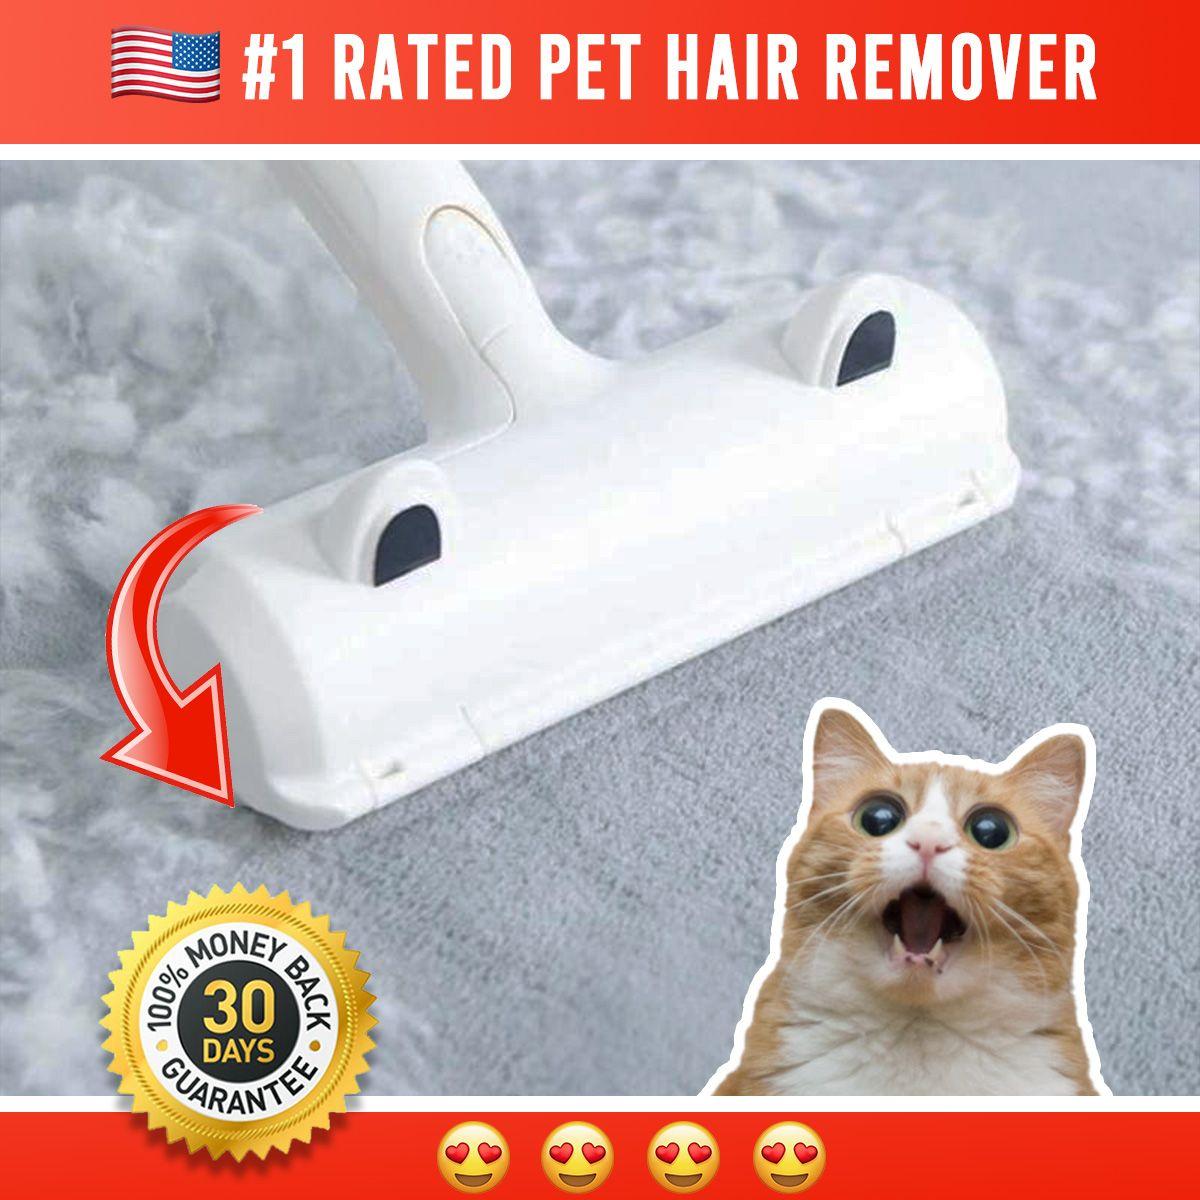 9547cc7a07fad8e57f66a18c0dd0361b - How To Get Cat Hair Off Without Lint Roller